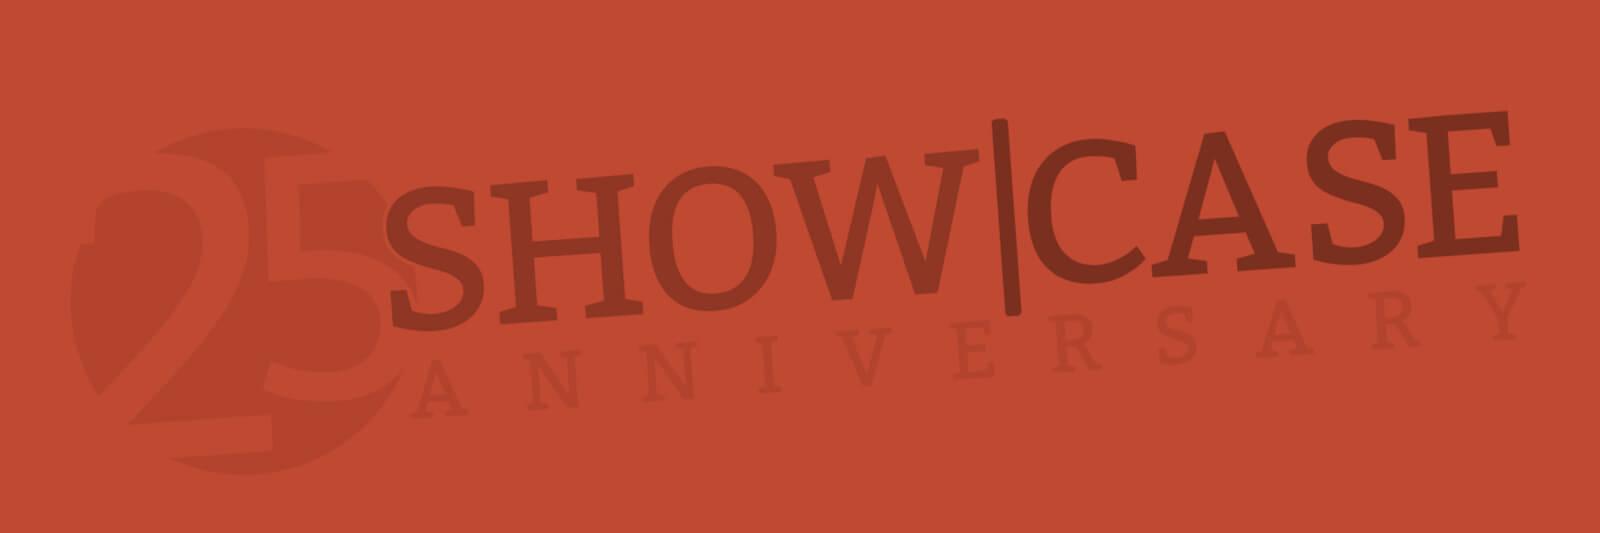 showcase(1).jpg